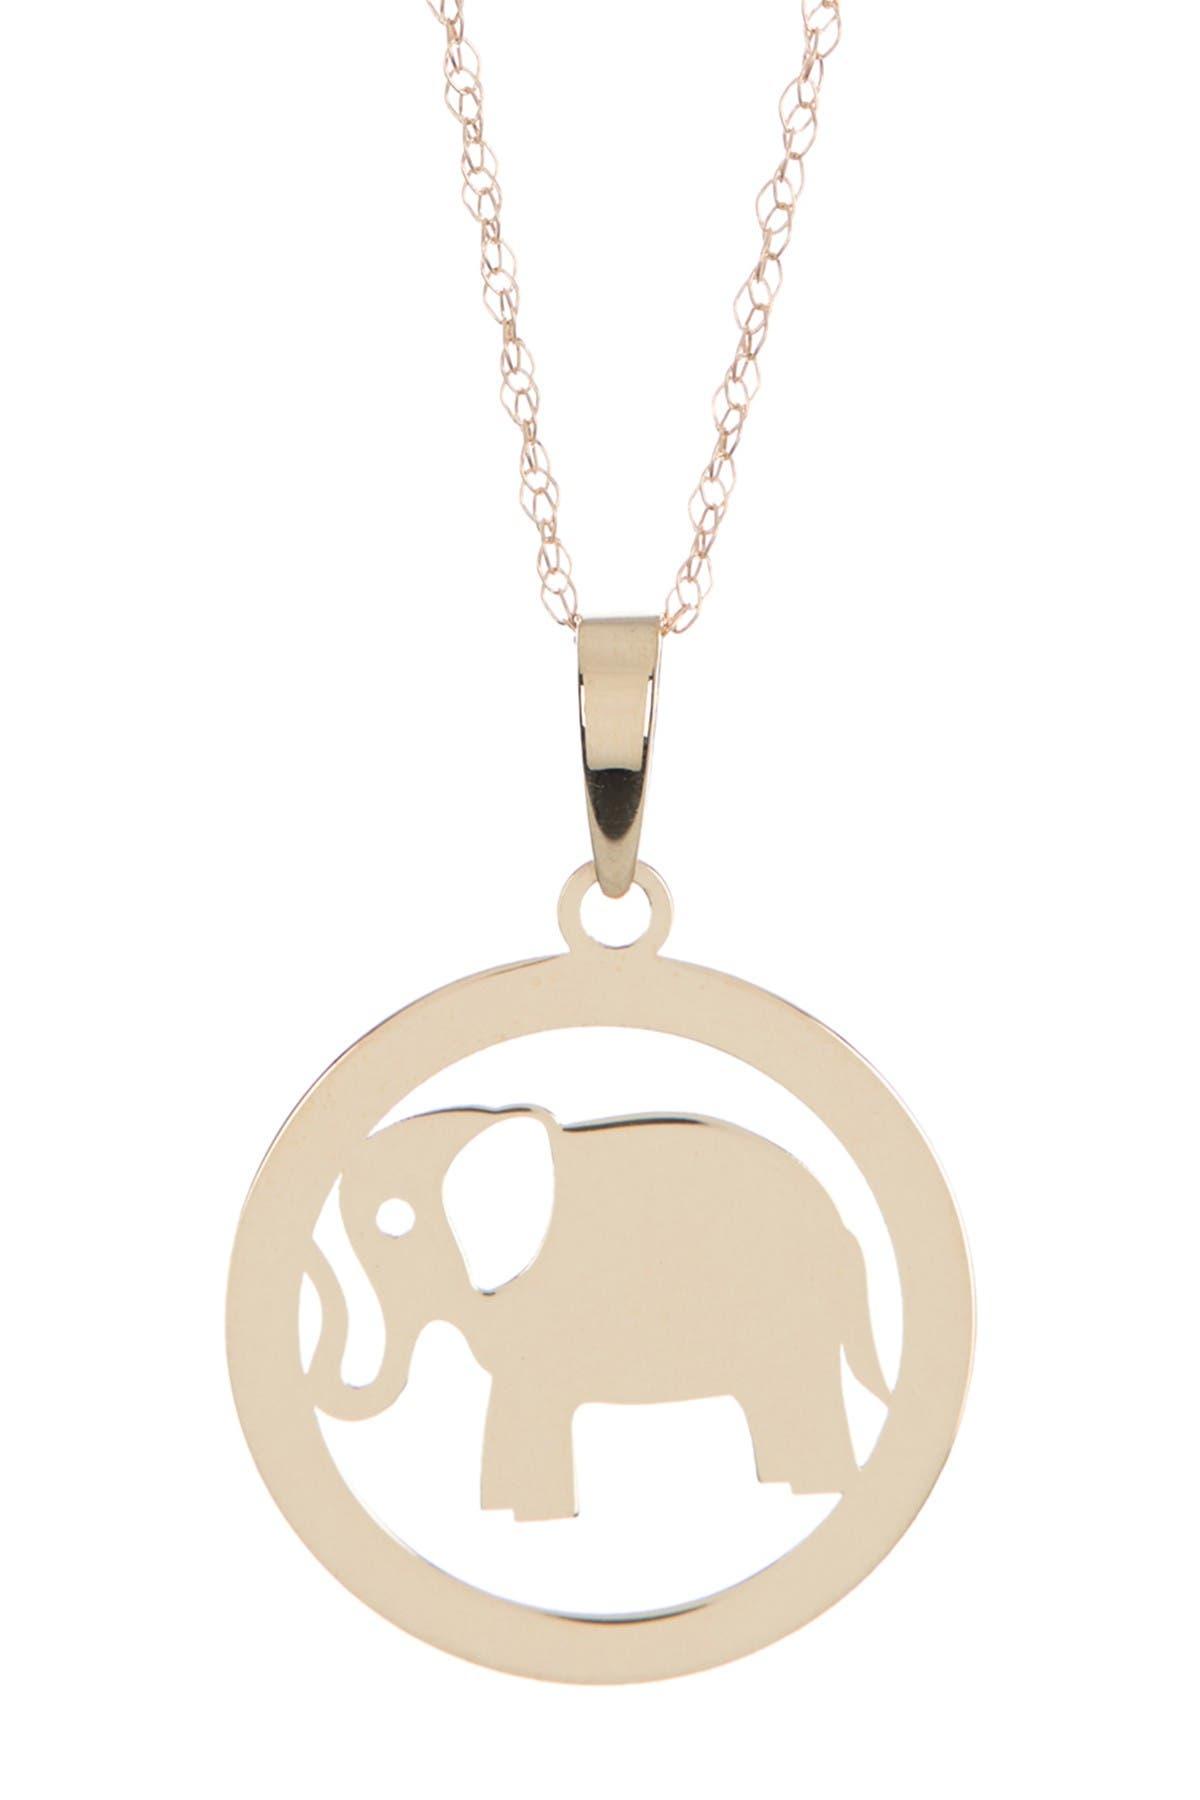 Image of Candela 14K Gold Elephant Disc Pendant Necklace